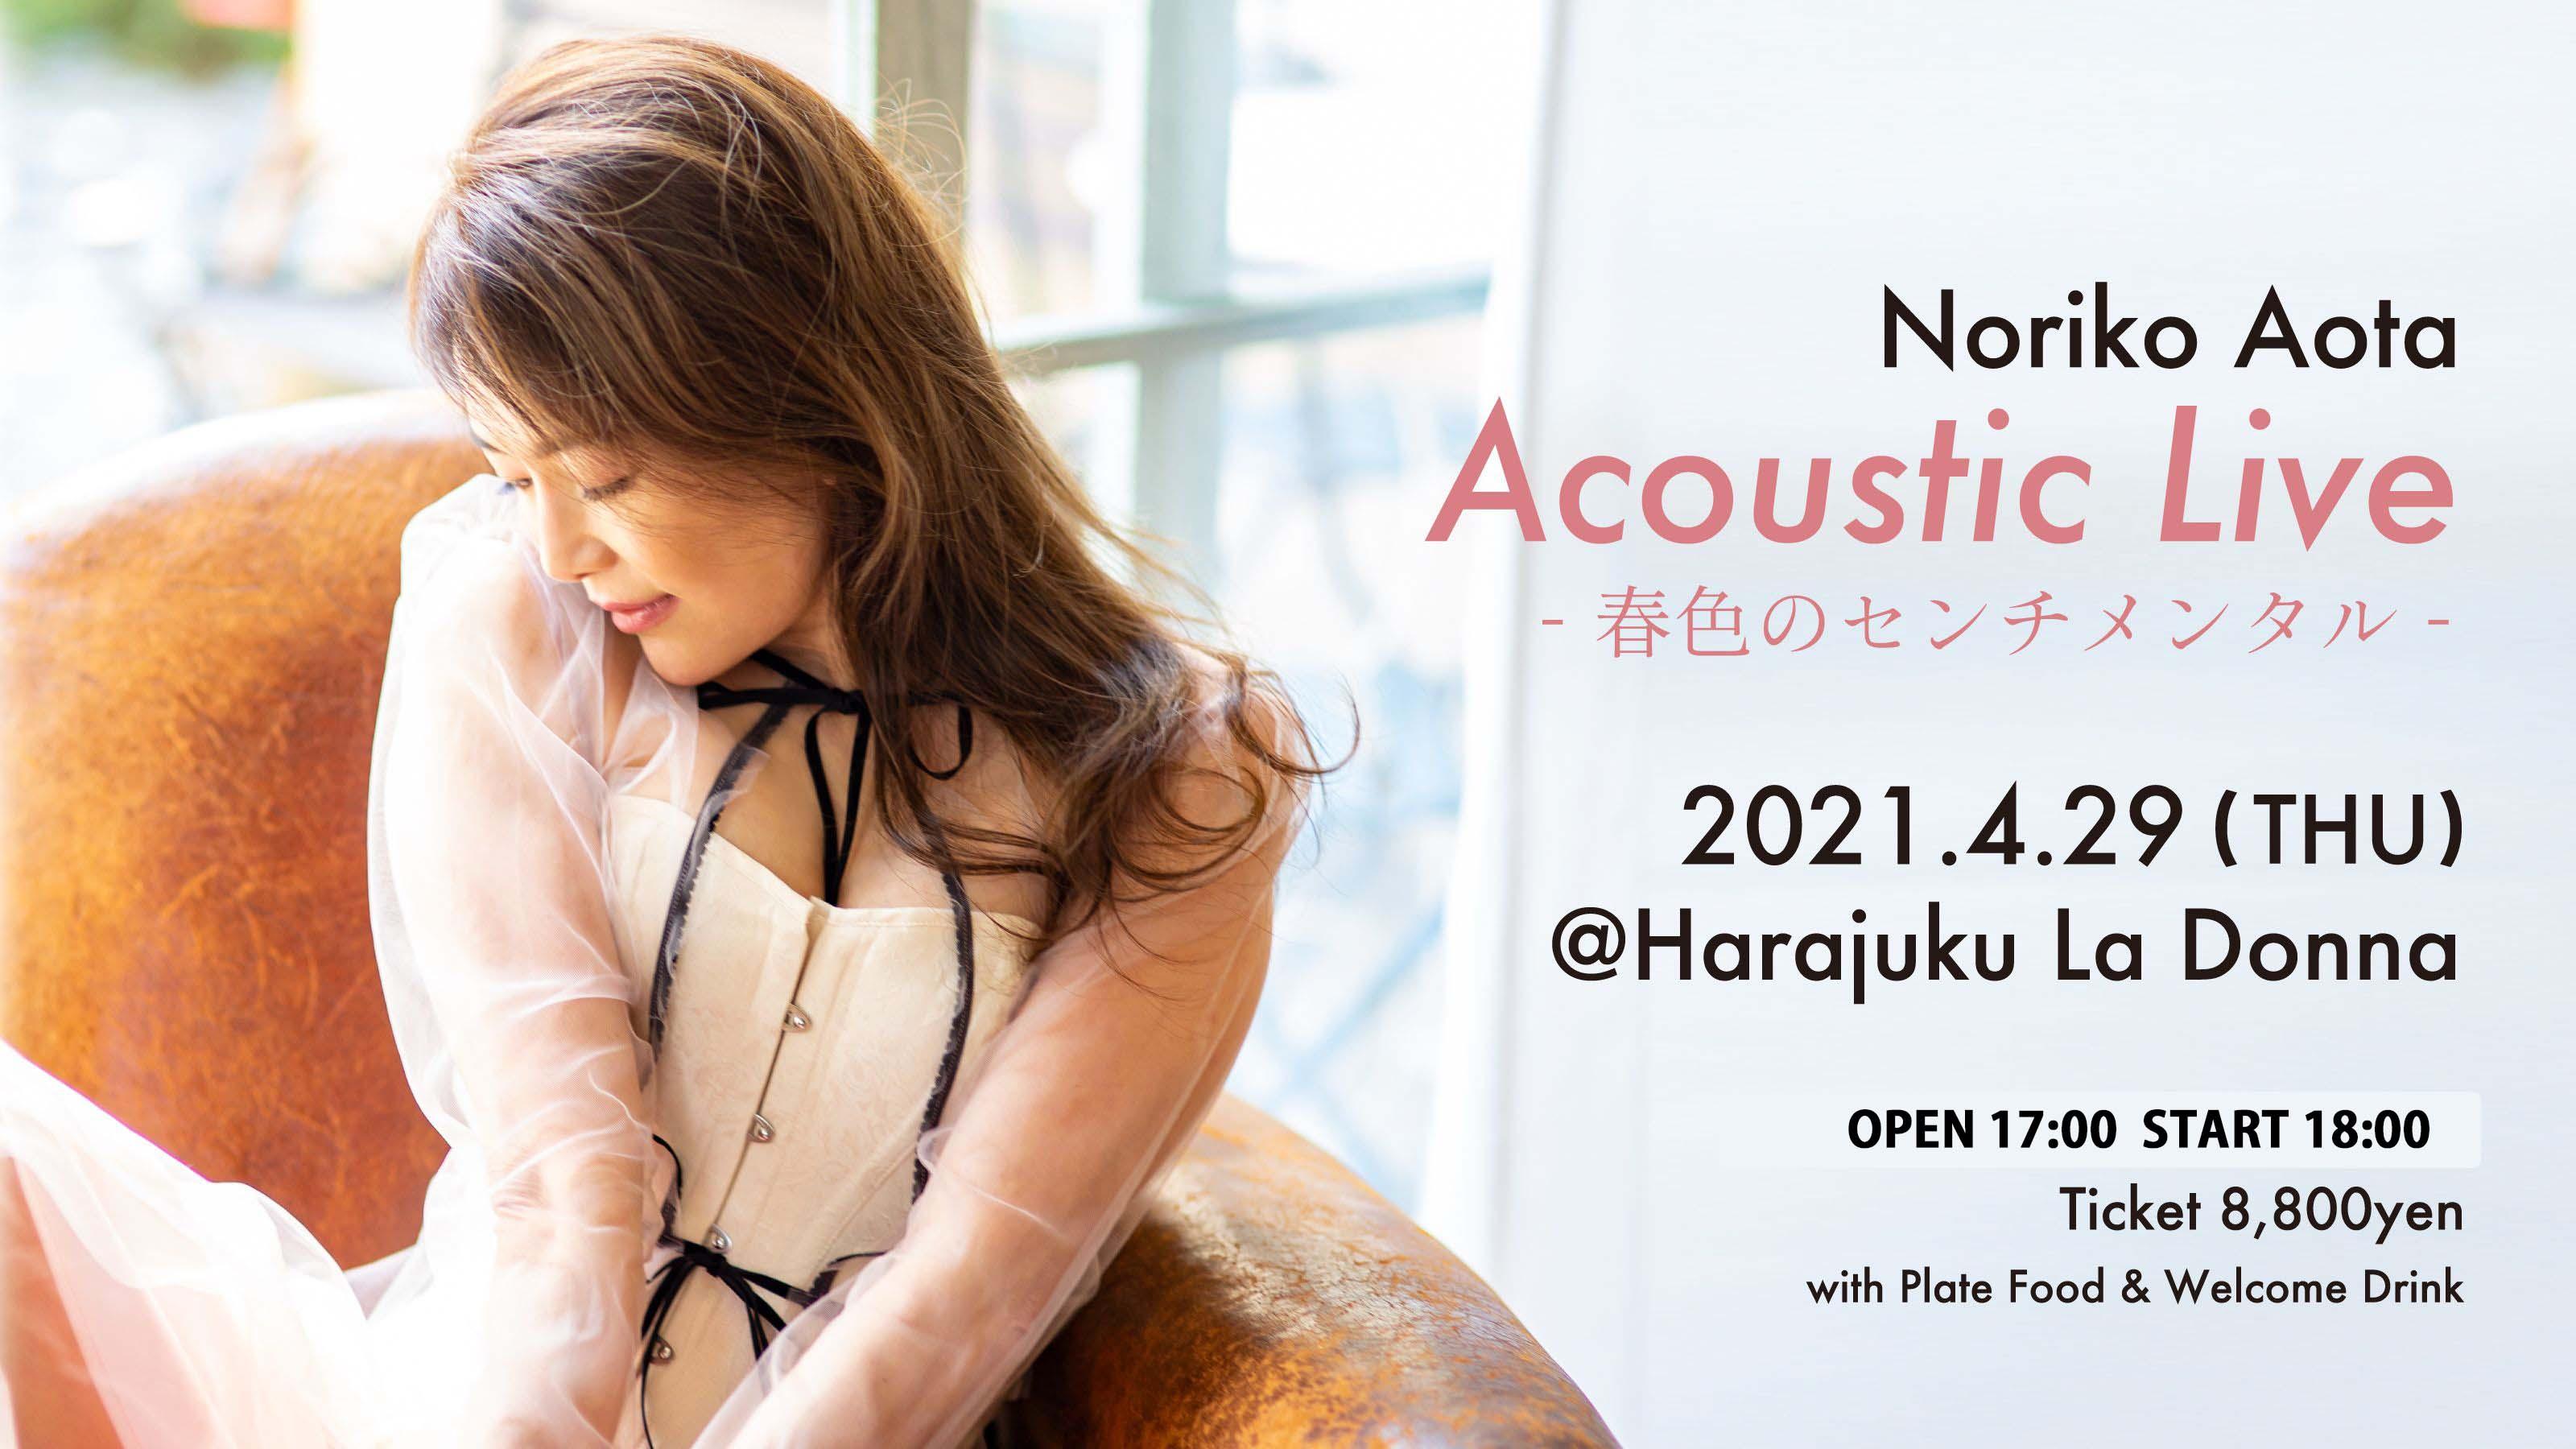 【6/19へライブ延期】青田典子 Acoustic Live ー春色のセンチメンタルー